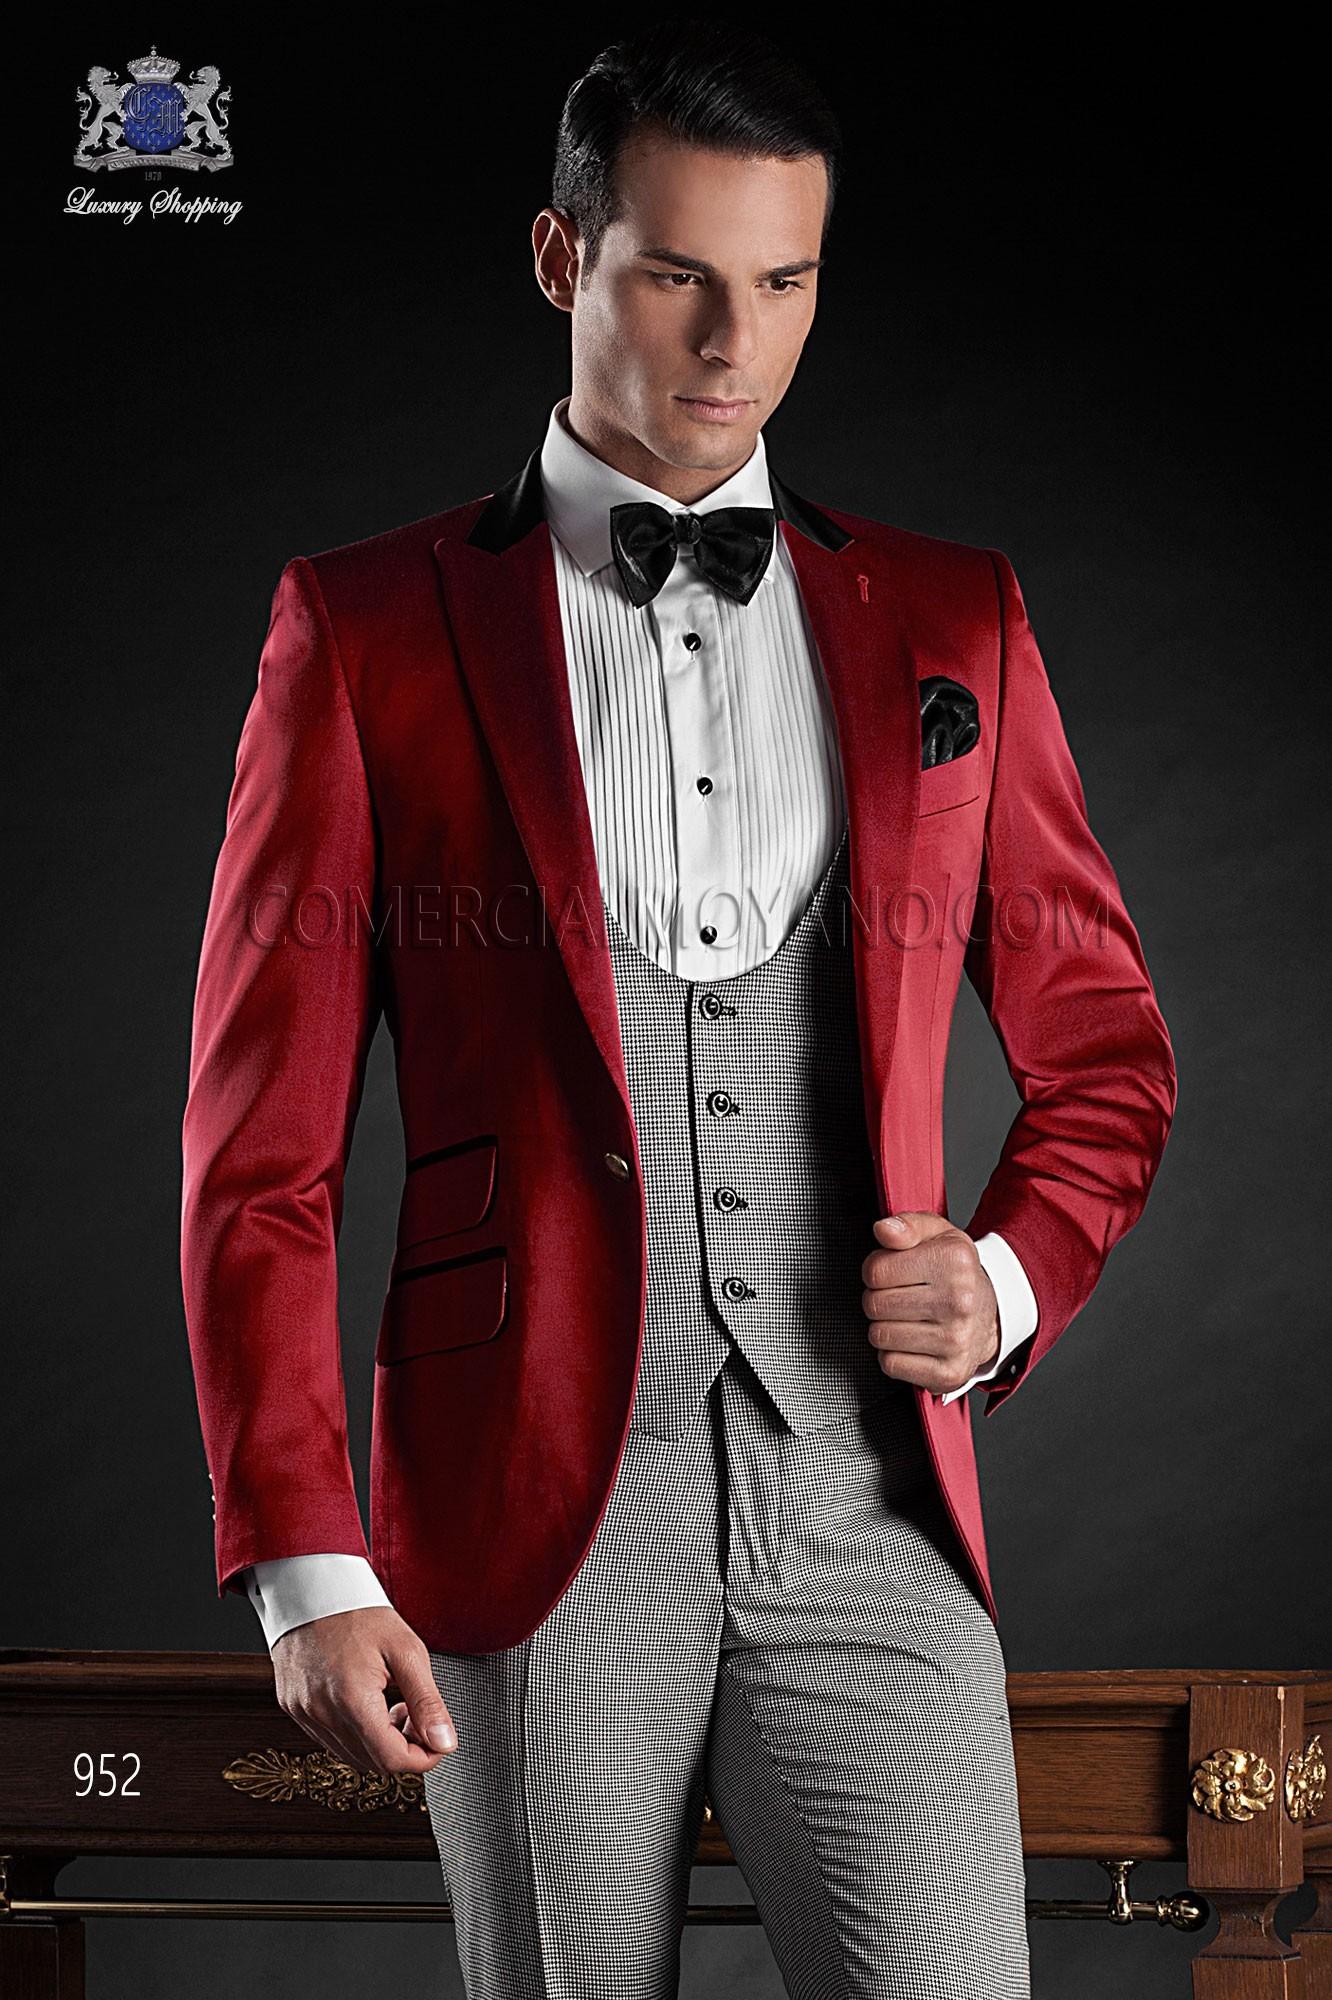 Traje BlackTie de novio rojo modelo: 952 Ottavio Nuccio Gala colección Black Tie